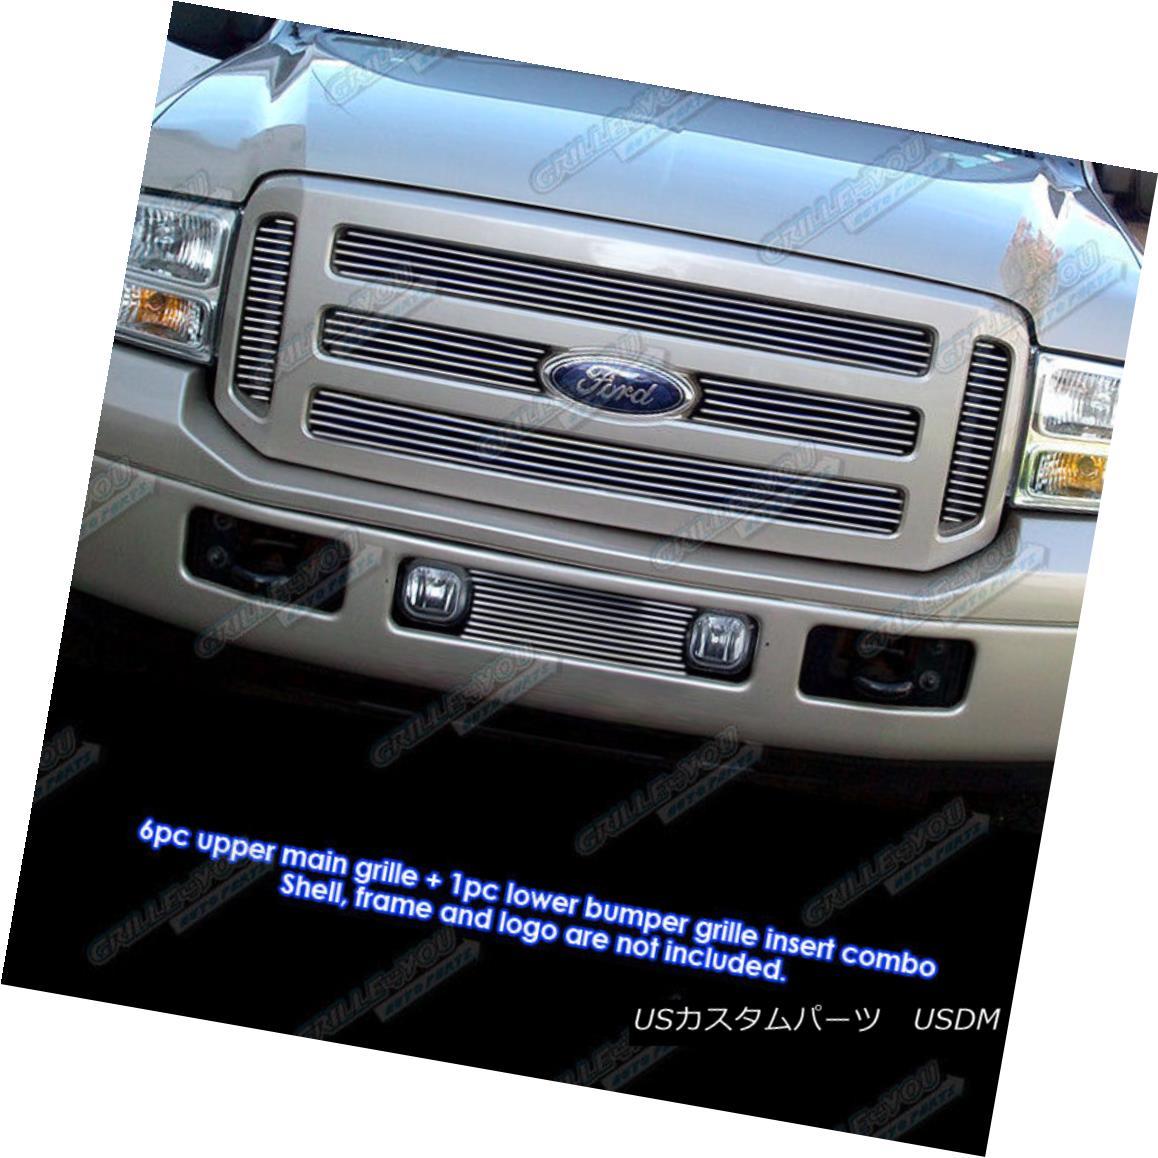 グリル Fits 05-07 Ford F-250/F-350 Super Duty Billet Grille Combo フィット05-07 Ford F-250 / F-350スーパーデューティビレットグリルコンボ